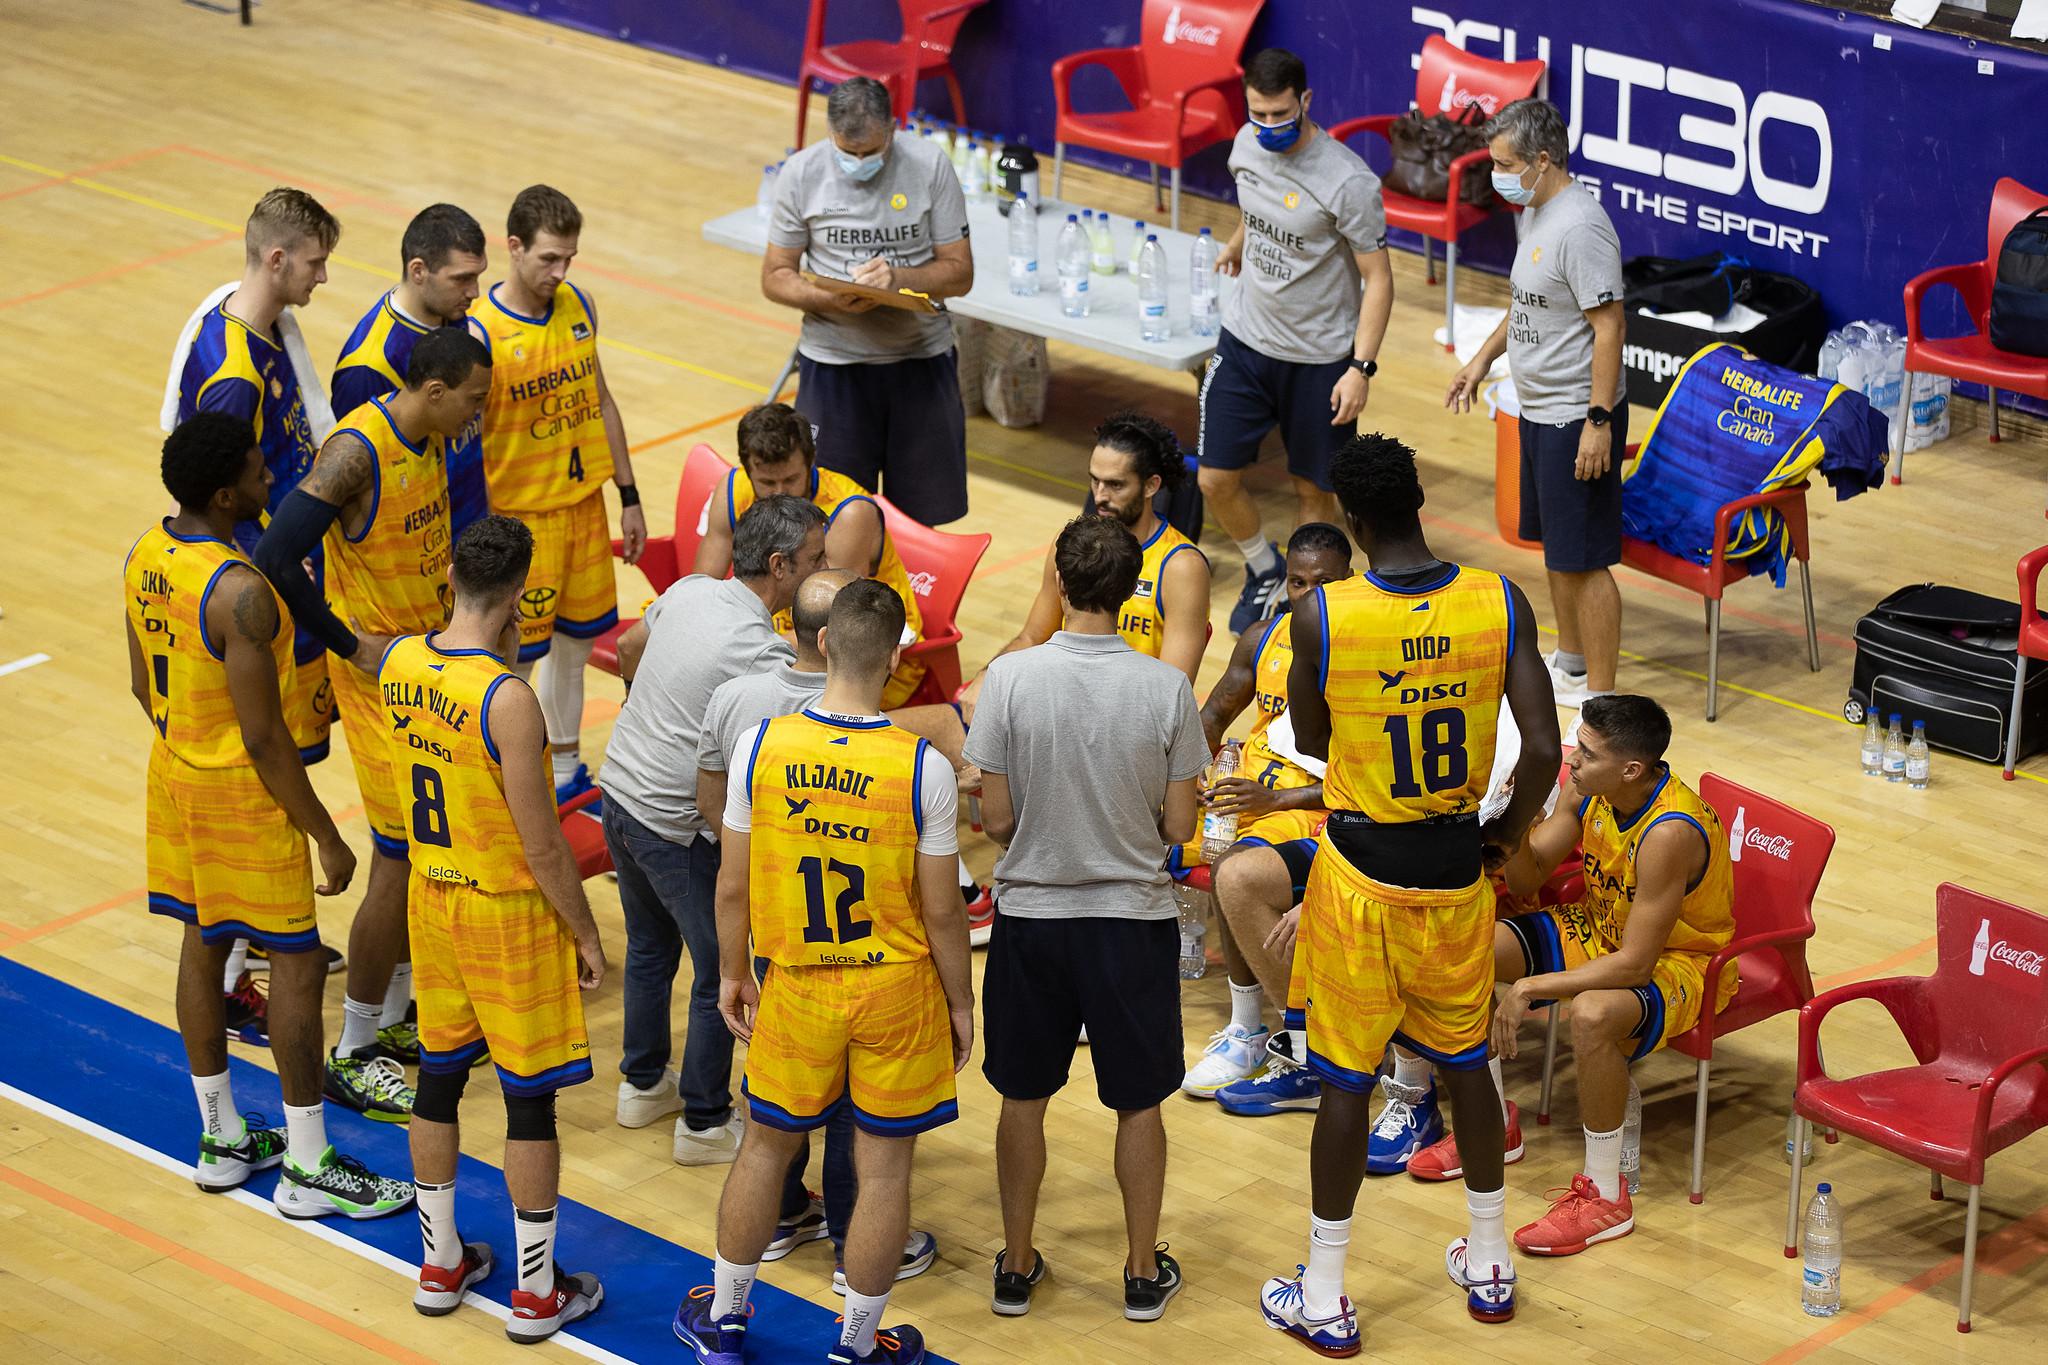 Gran Canaria-Claret comienza este miércoles la EuroCup visitando al Promitheas Patras